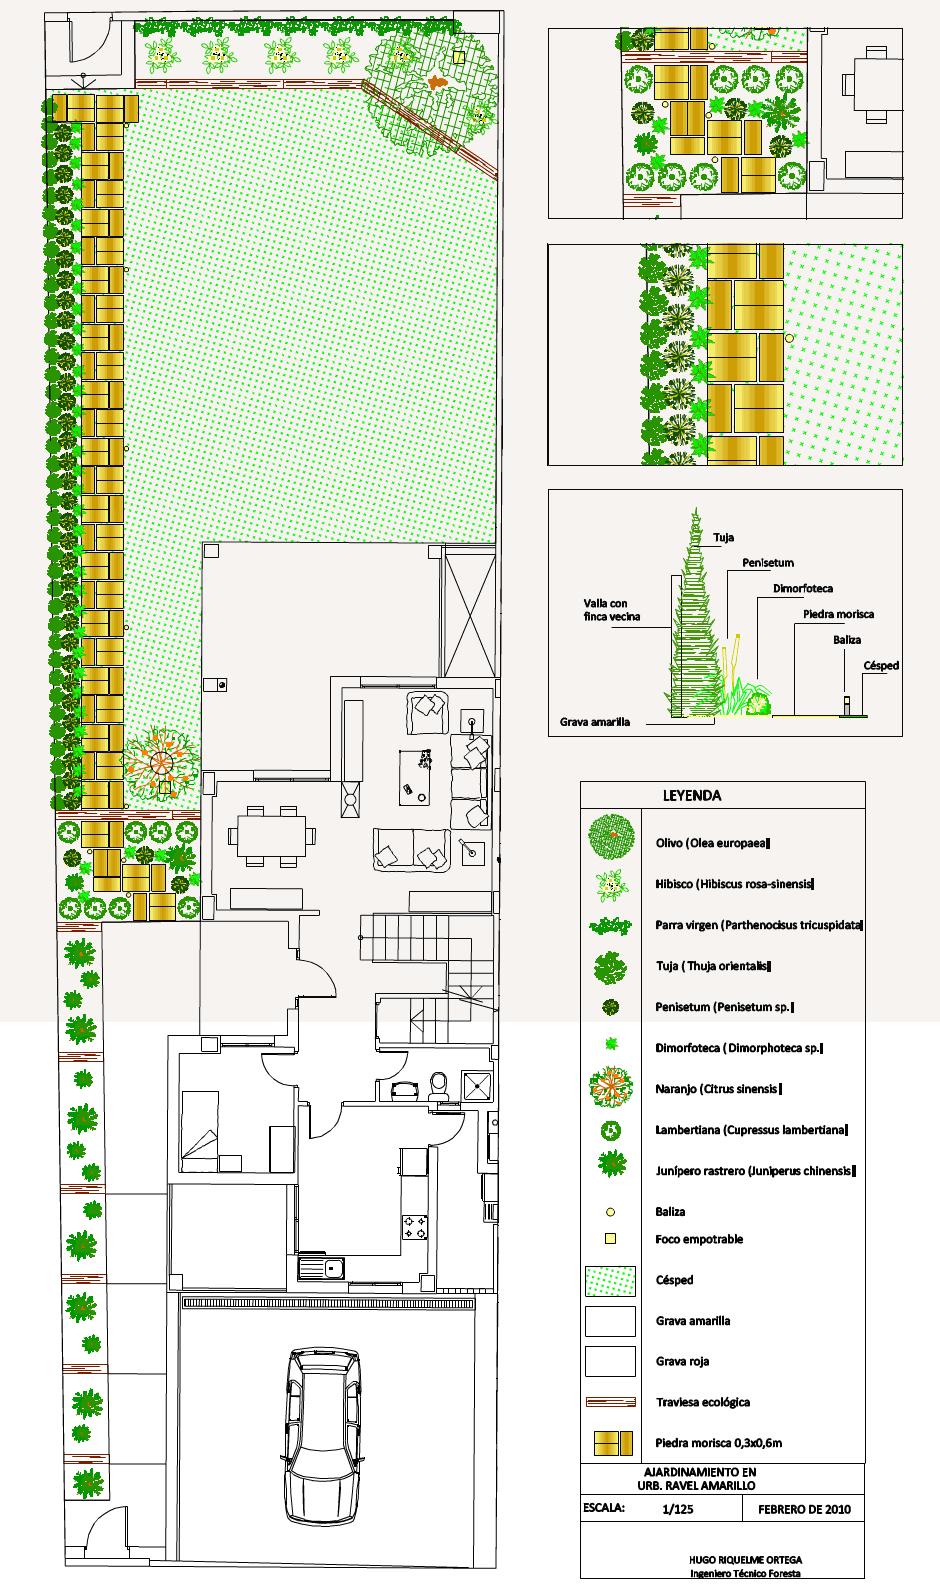 Jardinería y paisajismo - Alicante Forestal